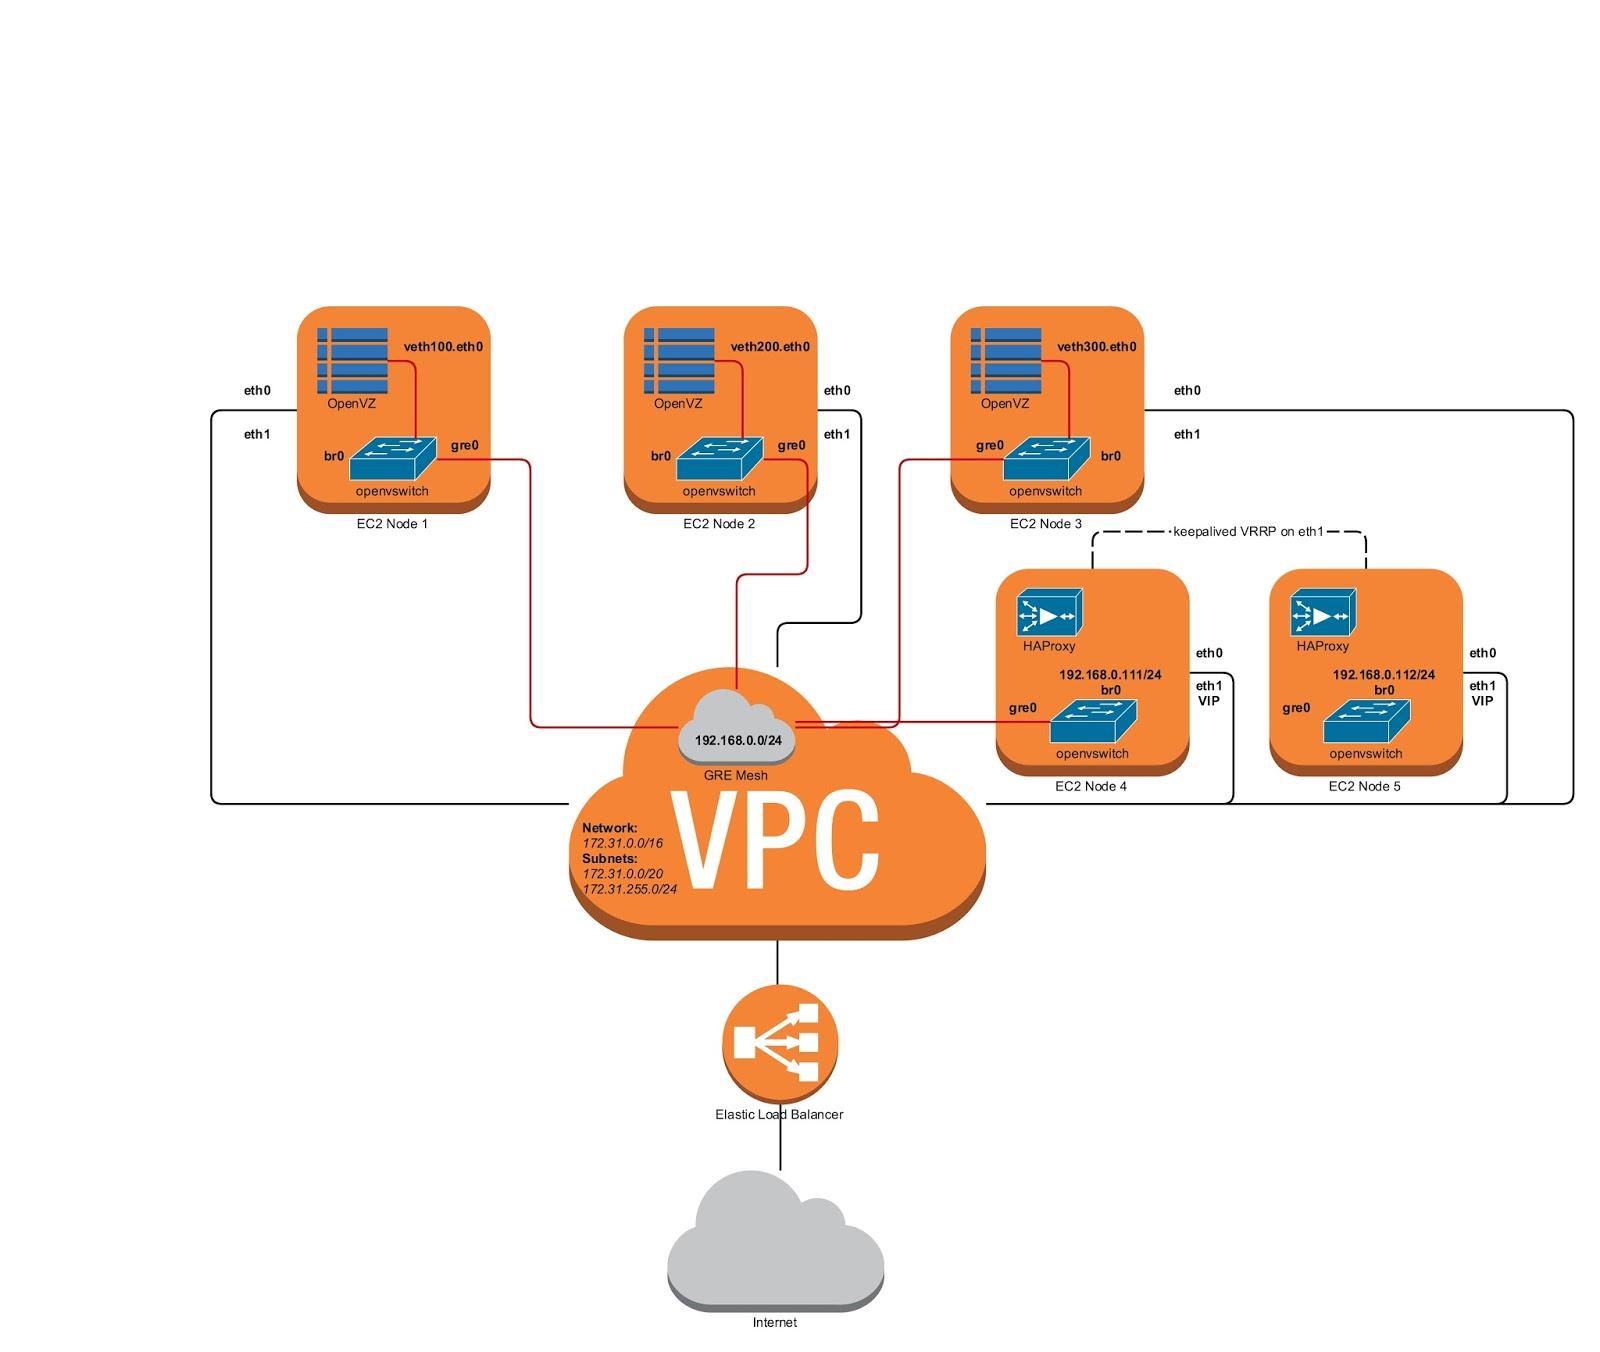 AWS VPC